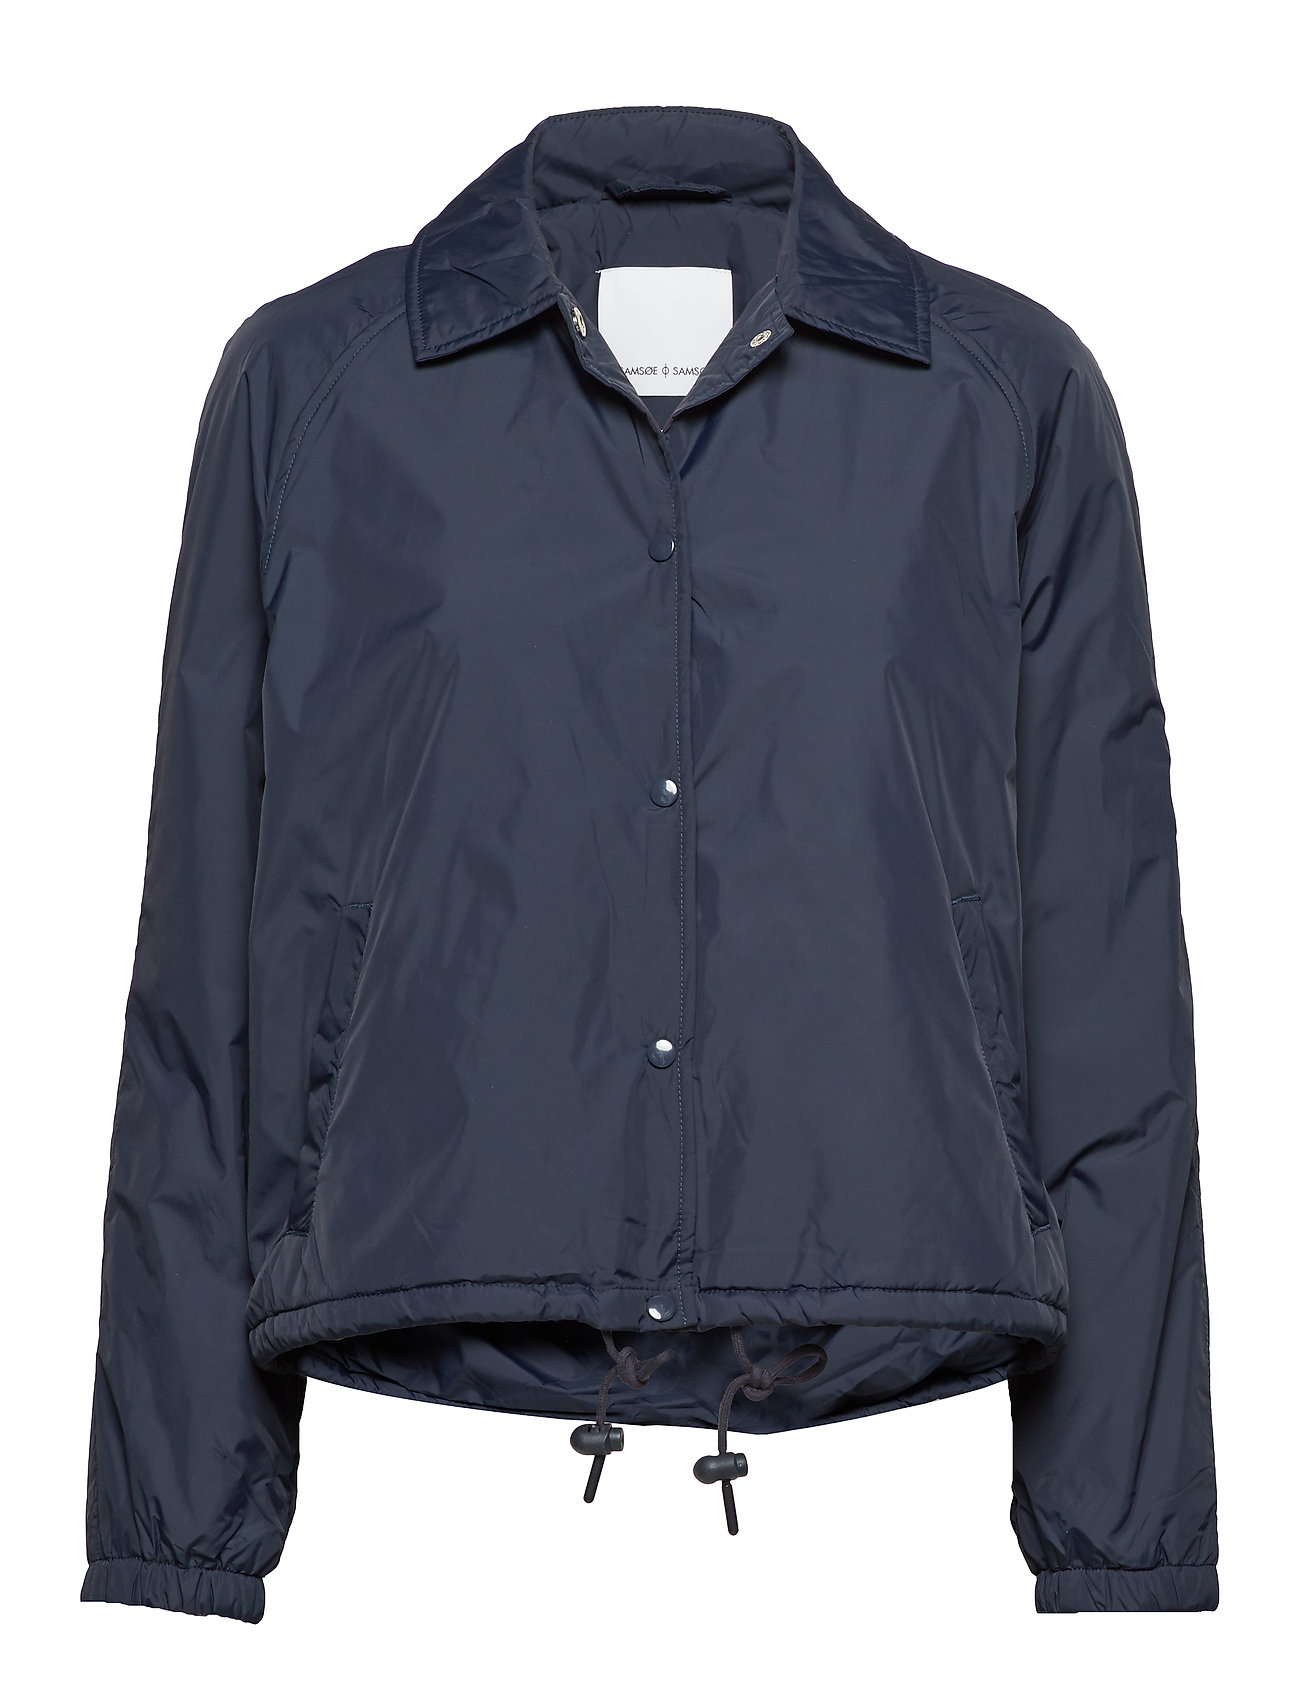 Samsøe & Samsøe Kiki jacket 10482 - DARK SAPPHIRE